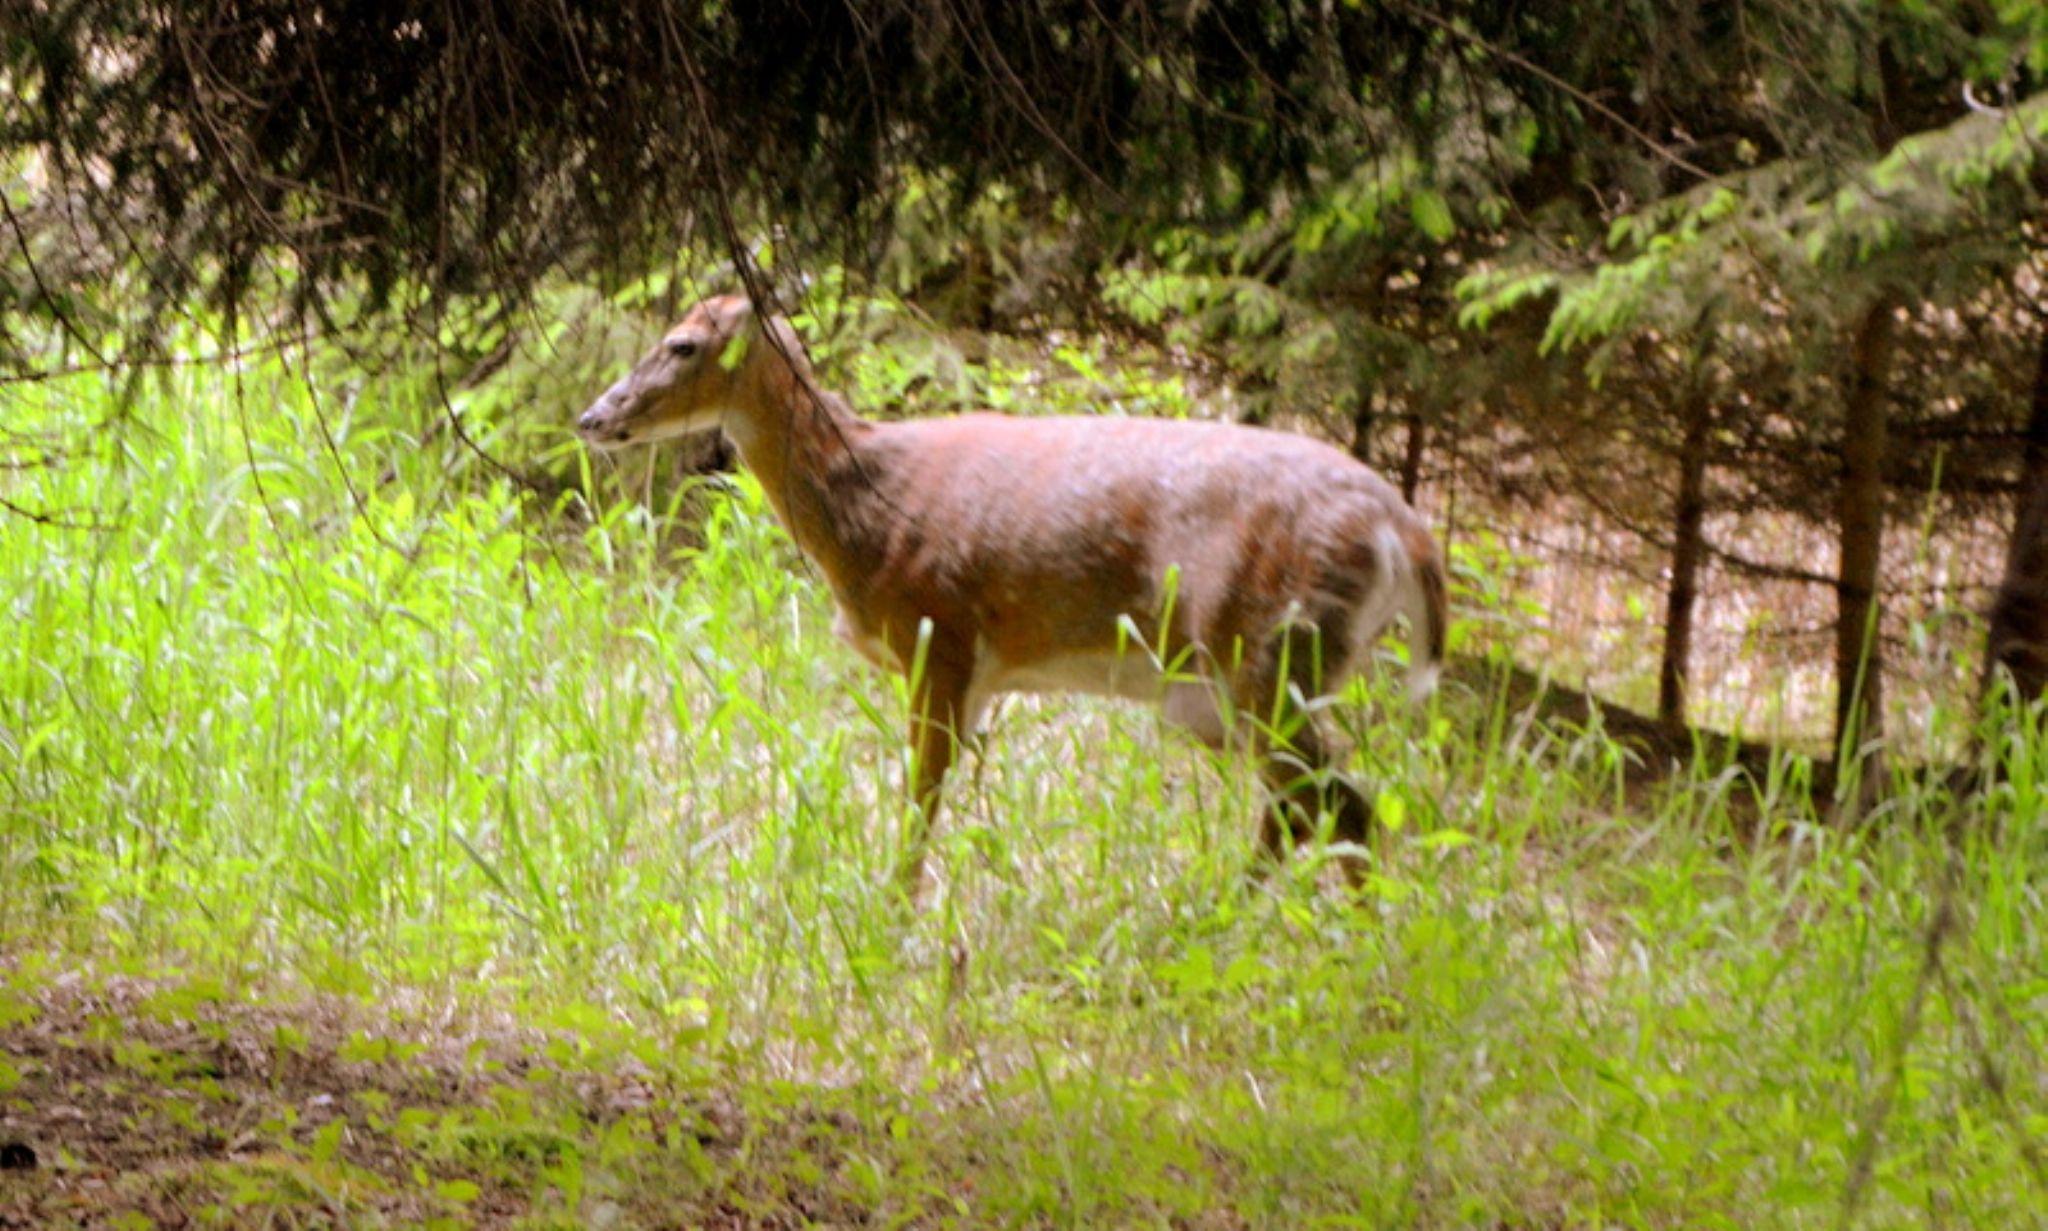 3 legged deer by Karen Mayer